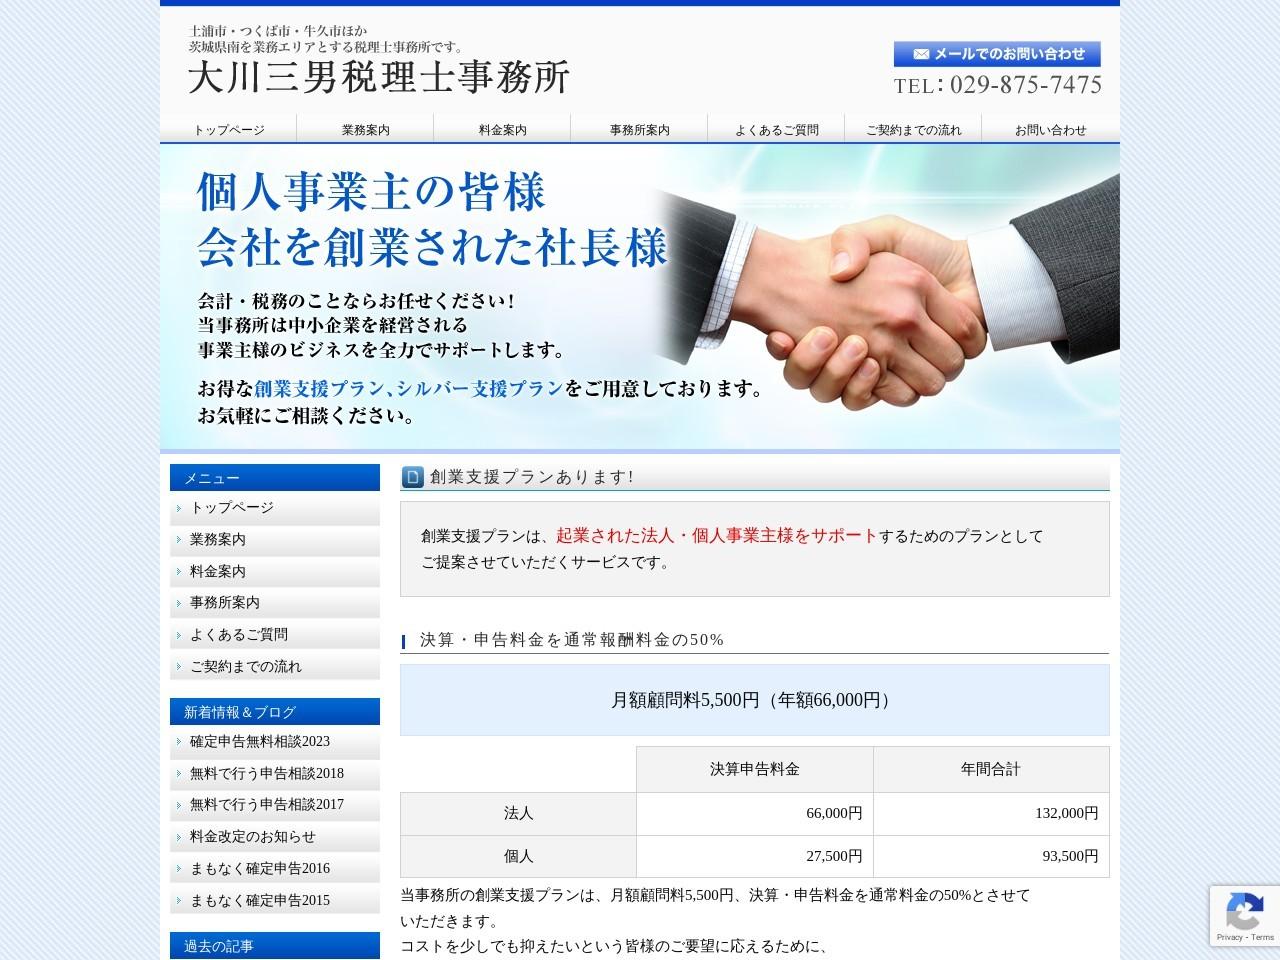 大川三男税理士事務所